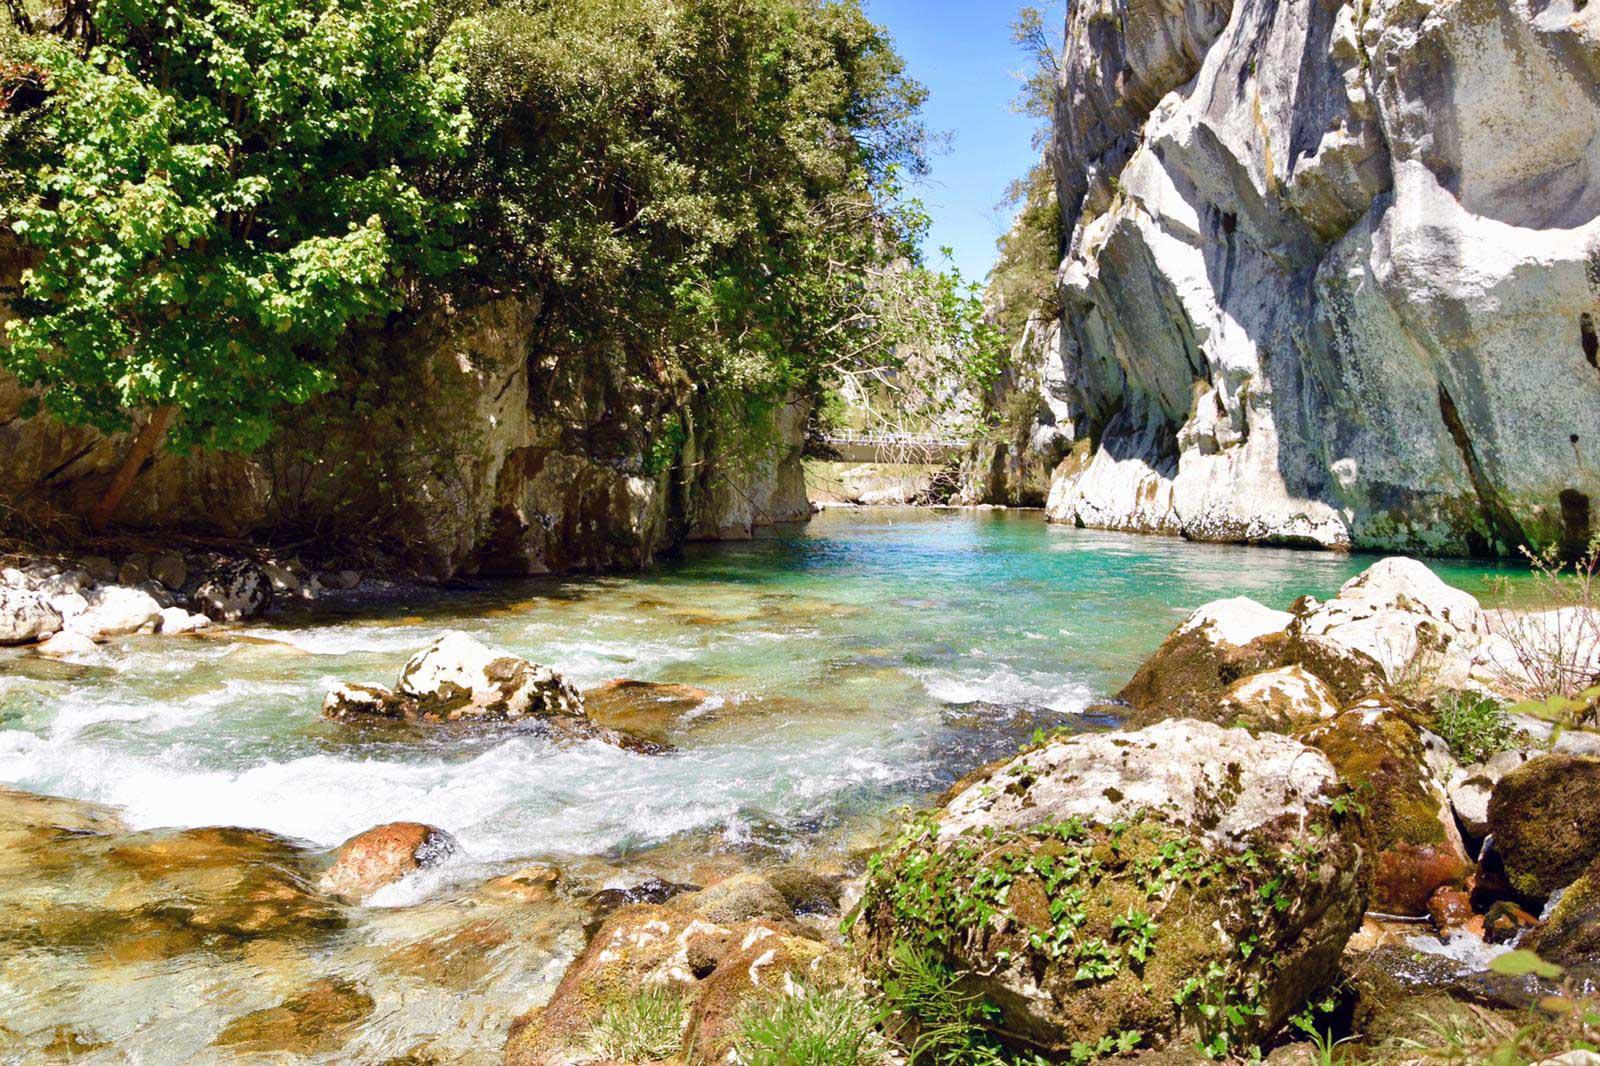 Á descoberta das Astúrias - Picos da Europa e Parque natural de Somiedo